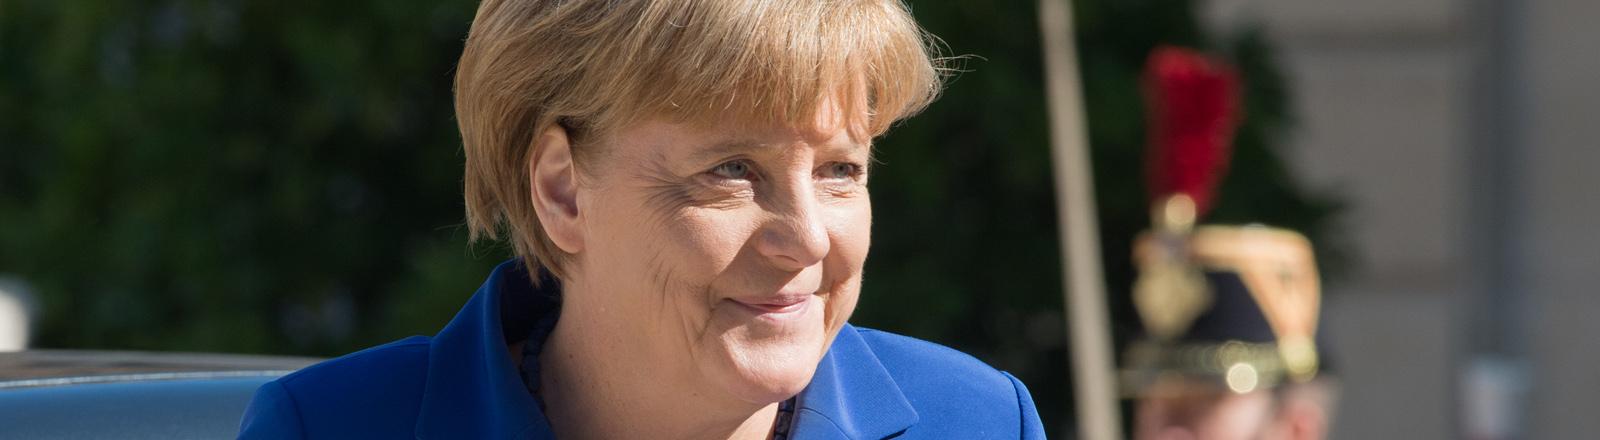 Angela Merkel in Paris